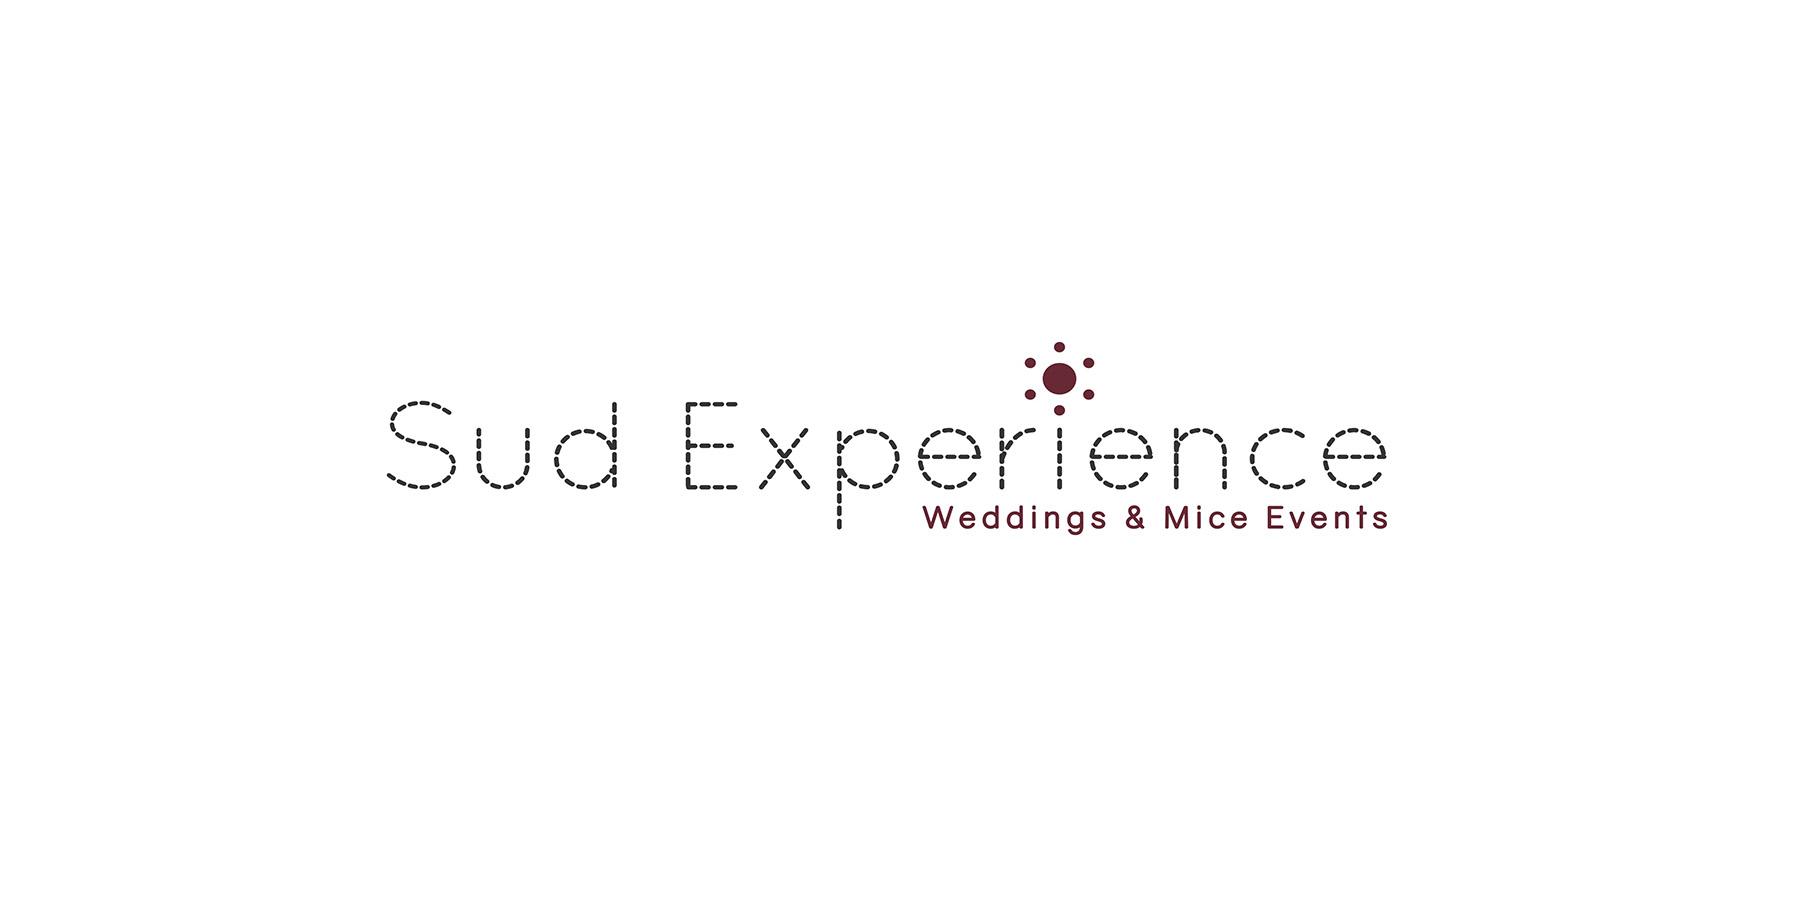 logo sudexperience domenica giorgio weddings mice events